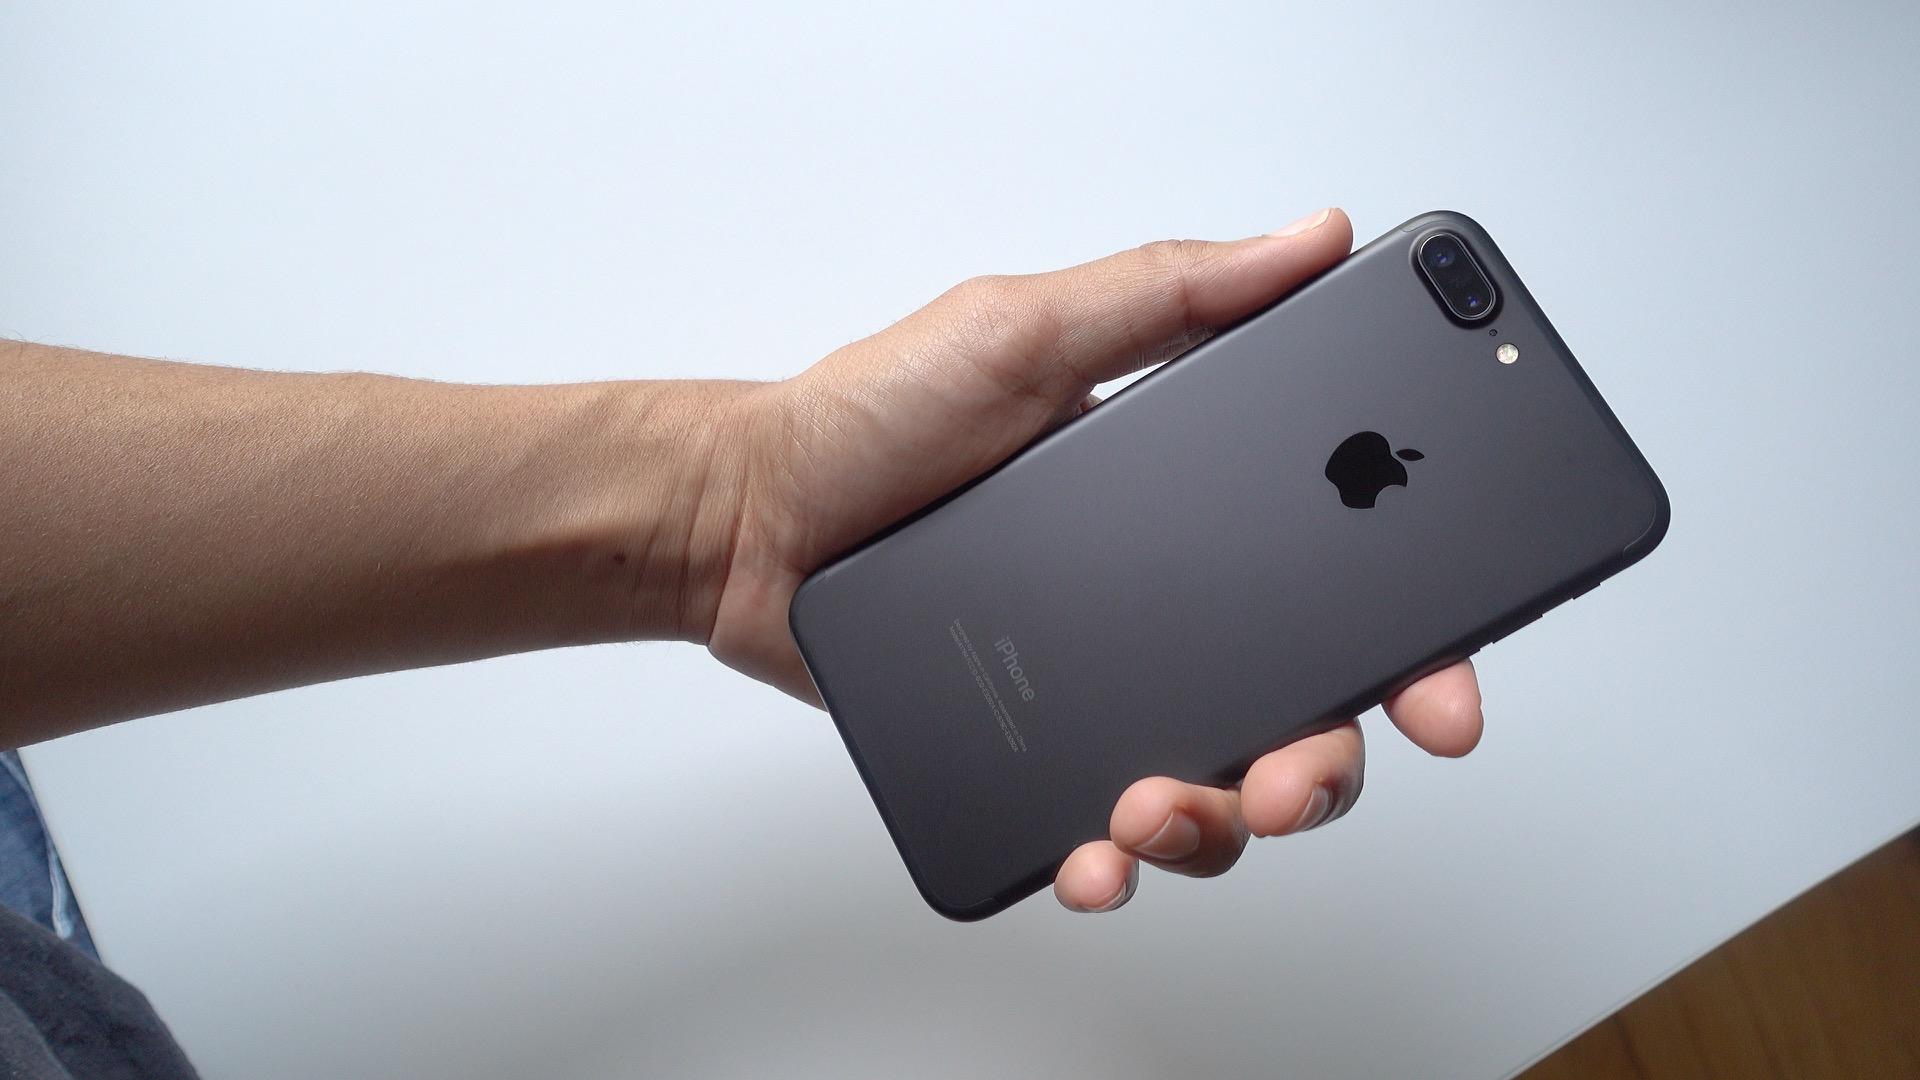 iphone-7-plus-matte-black